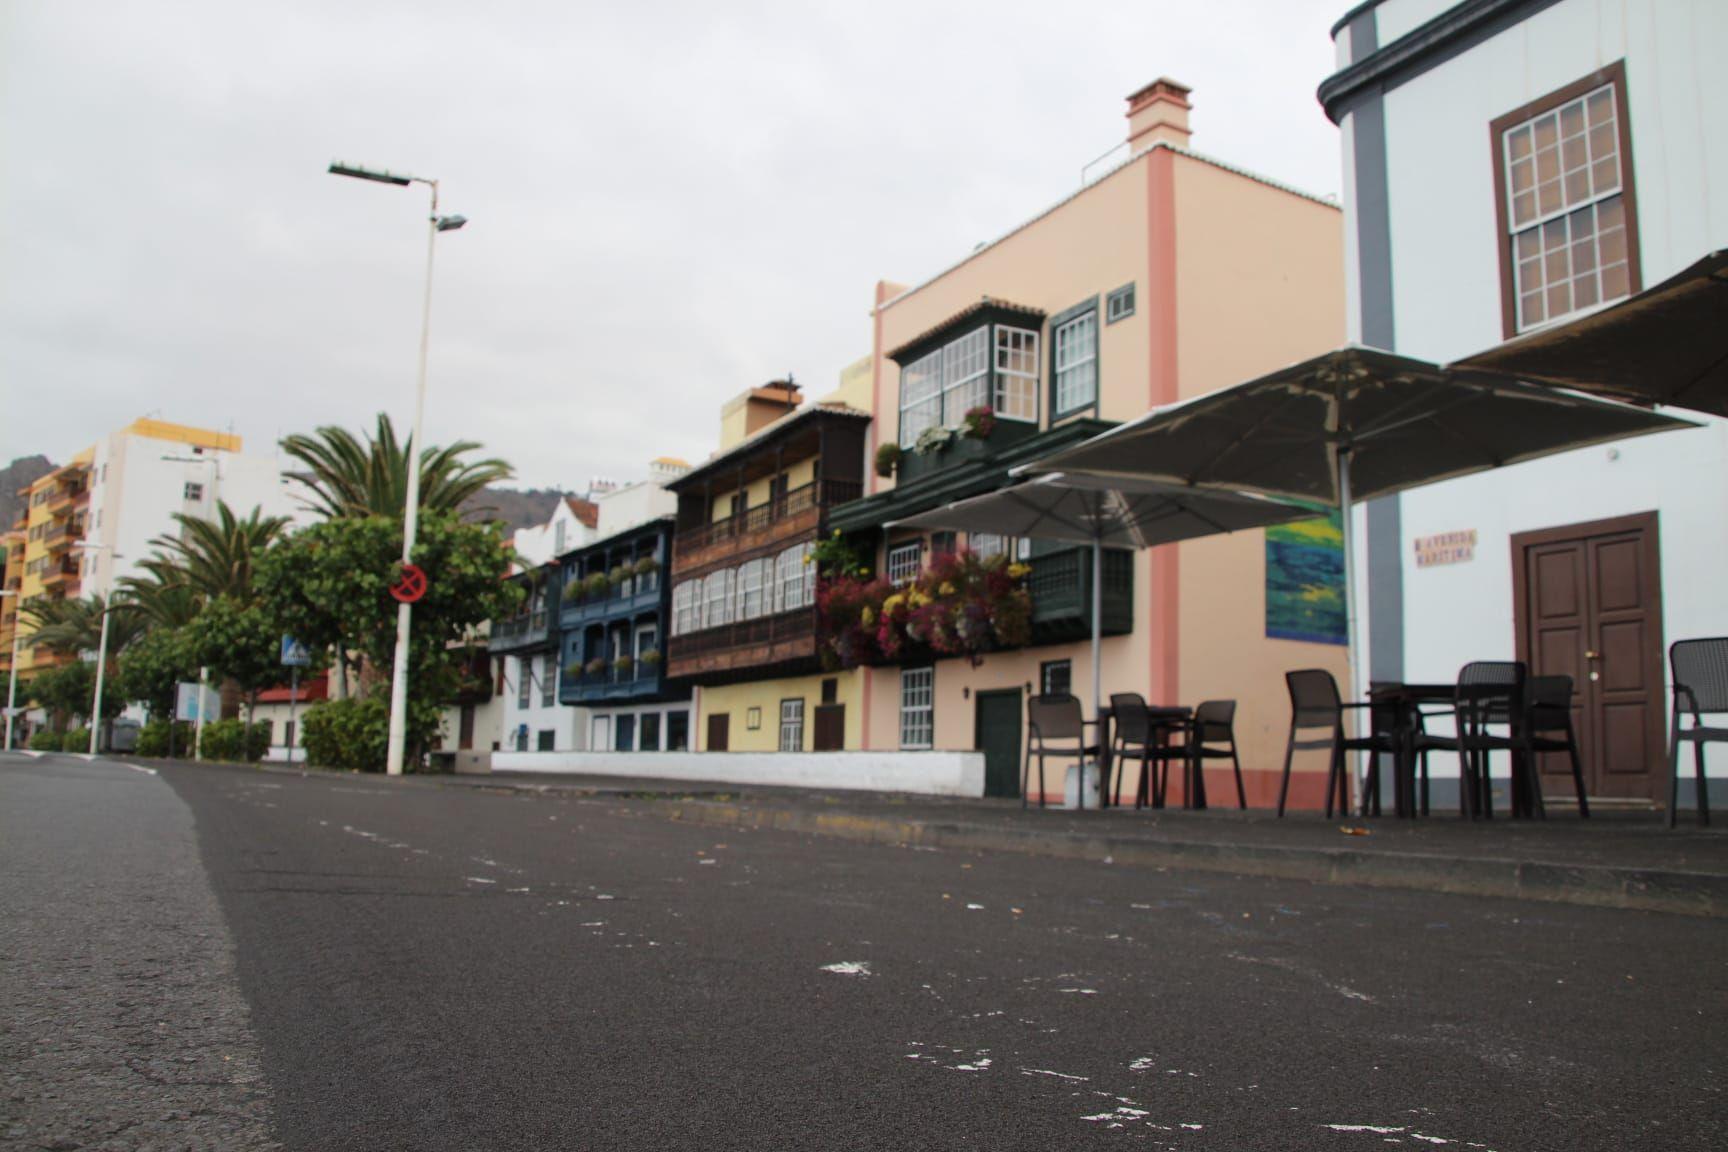 Las cenizas del volcán llegan a Santa Cruz de La Palma